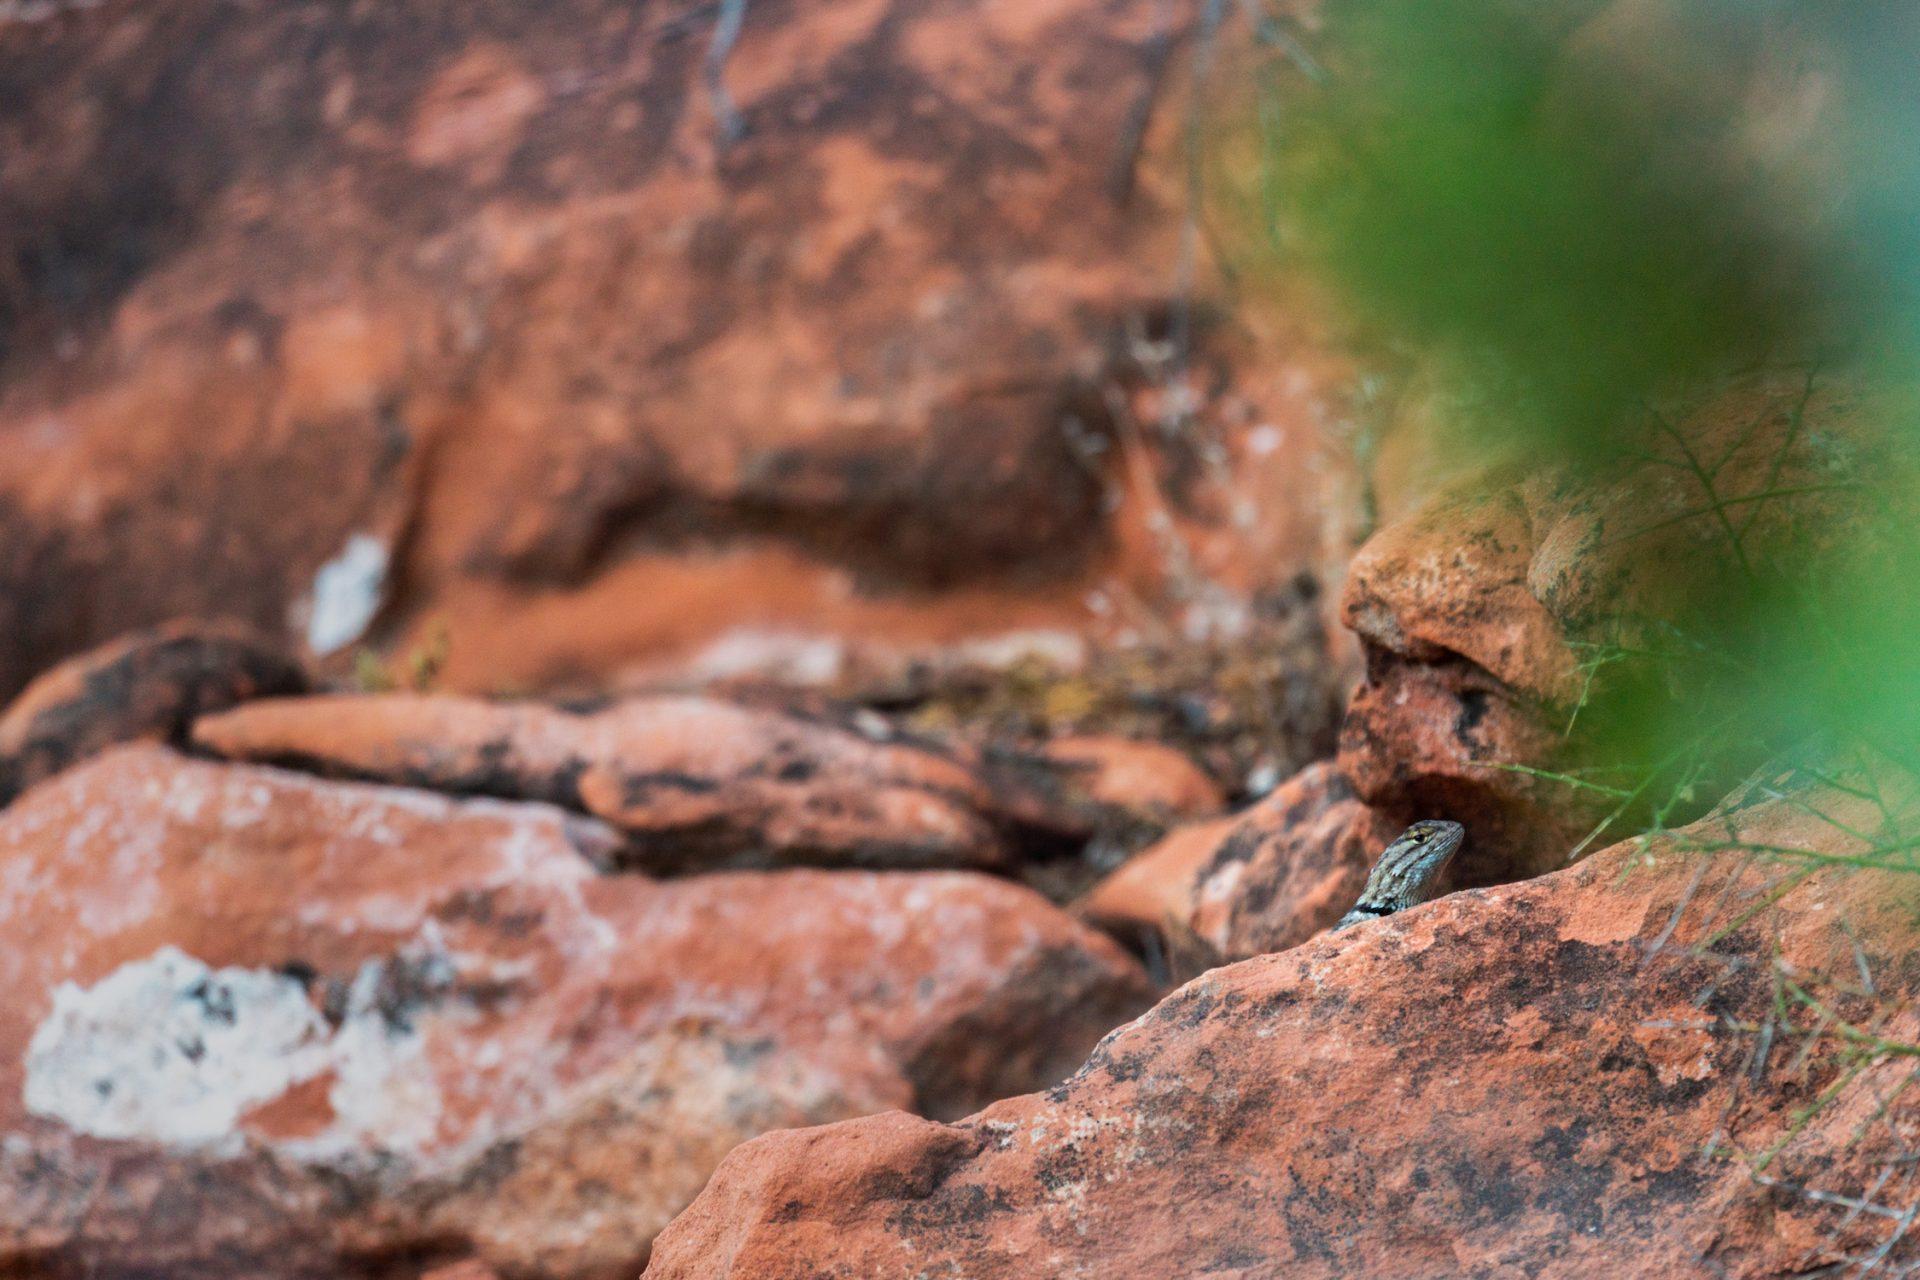 Plateau Fence Lizard – Sedona, Arizona